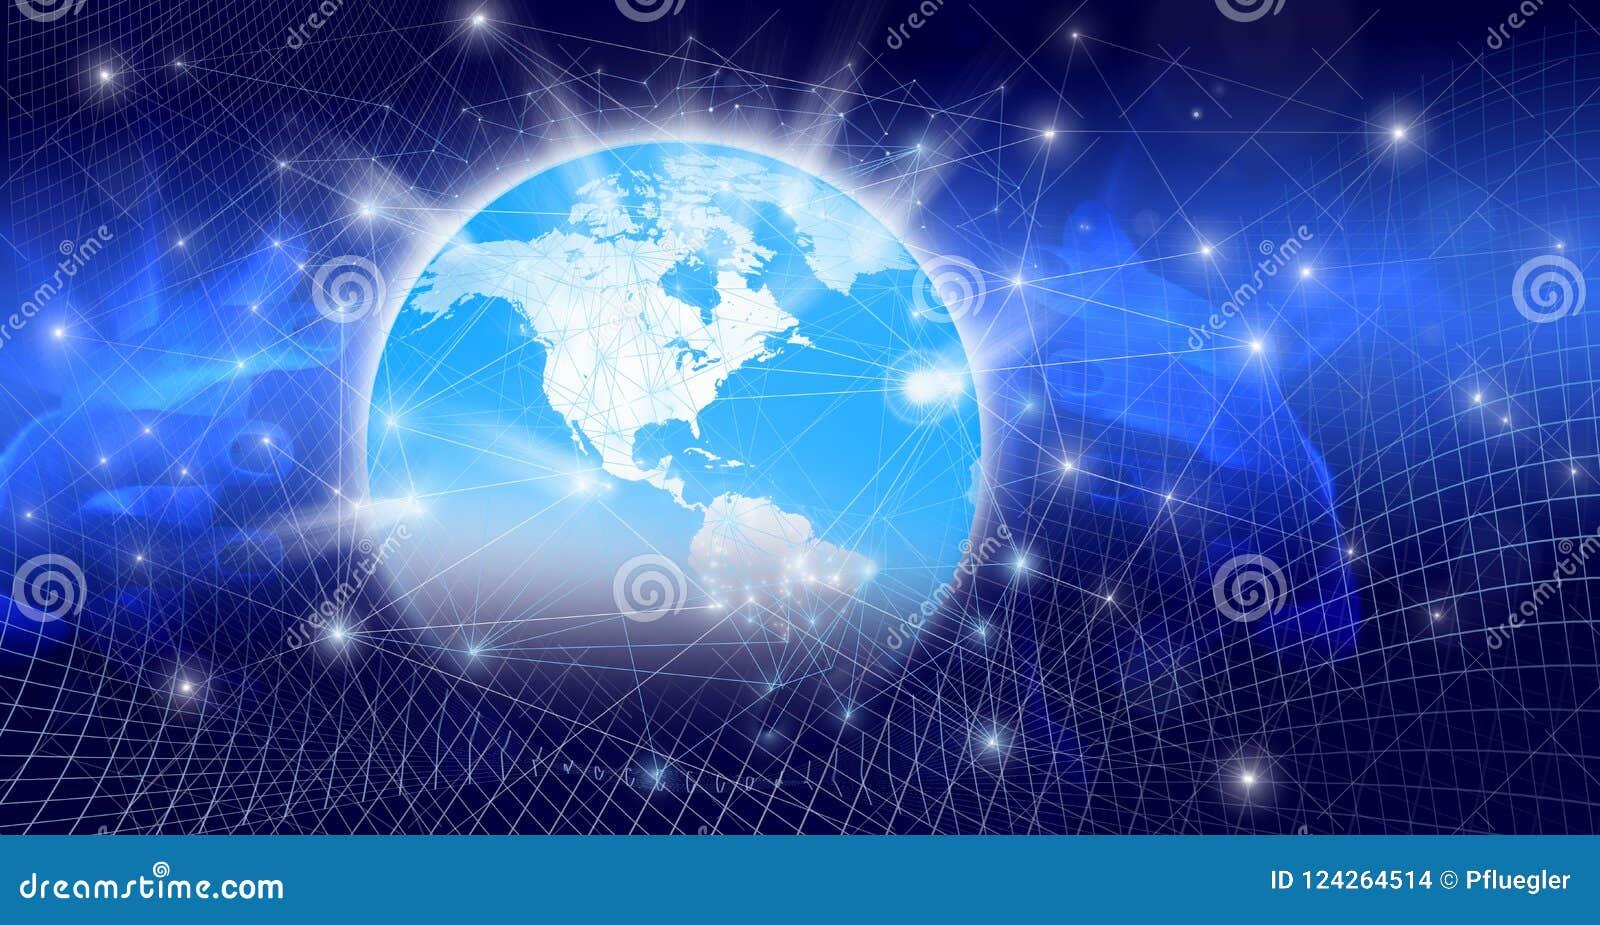 O mundo global com relações digitais e conexões de incandescência